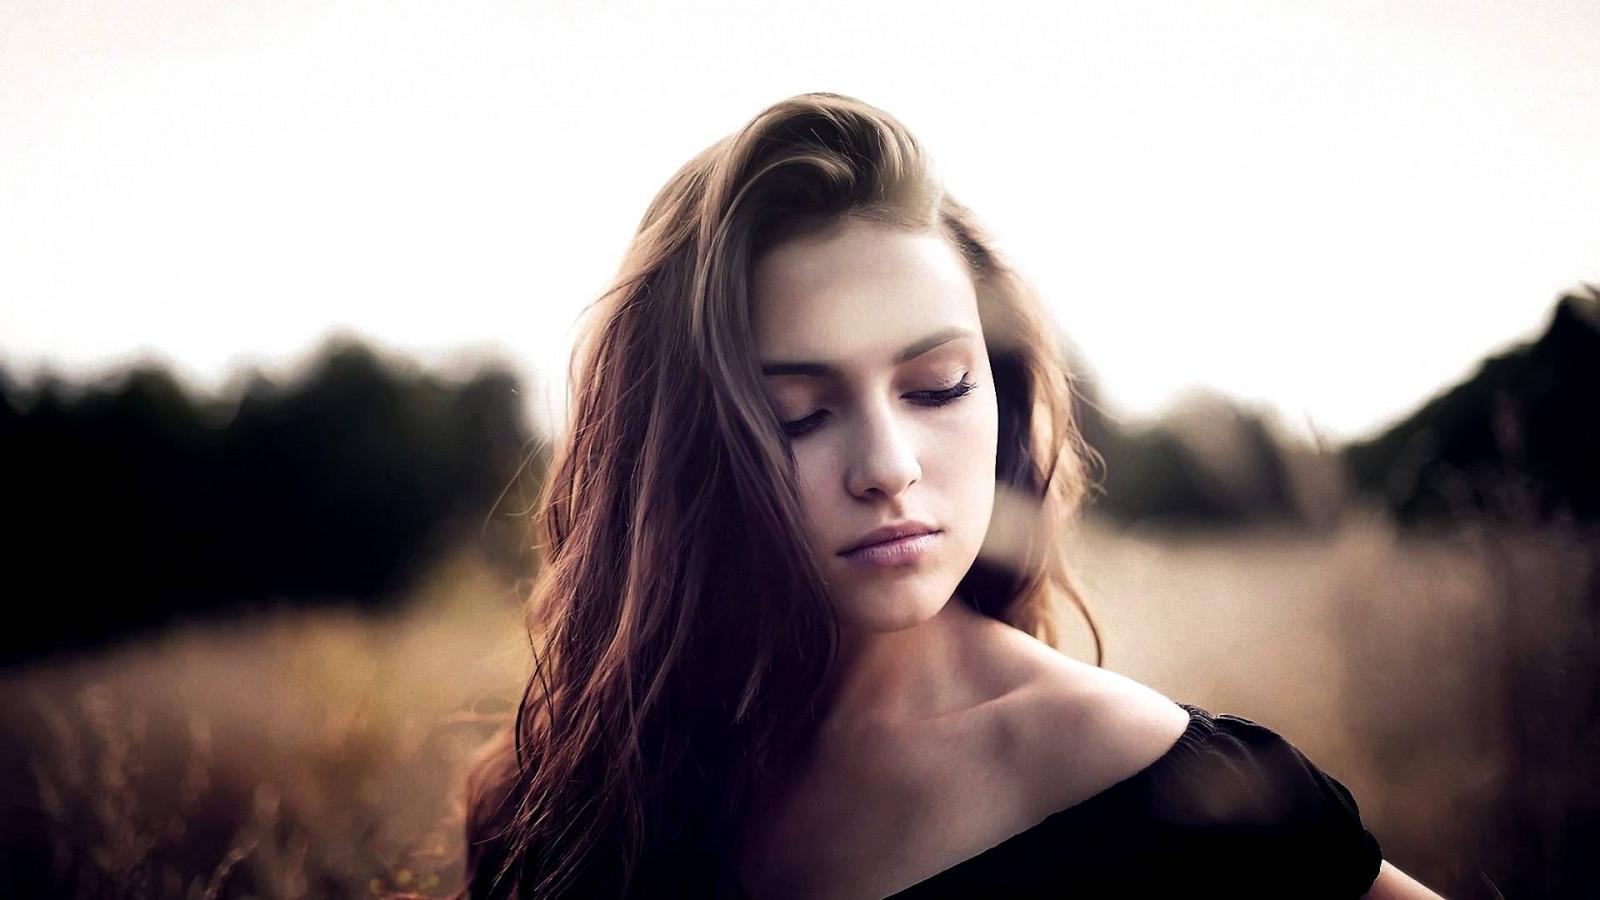 красивые девушки hd фото